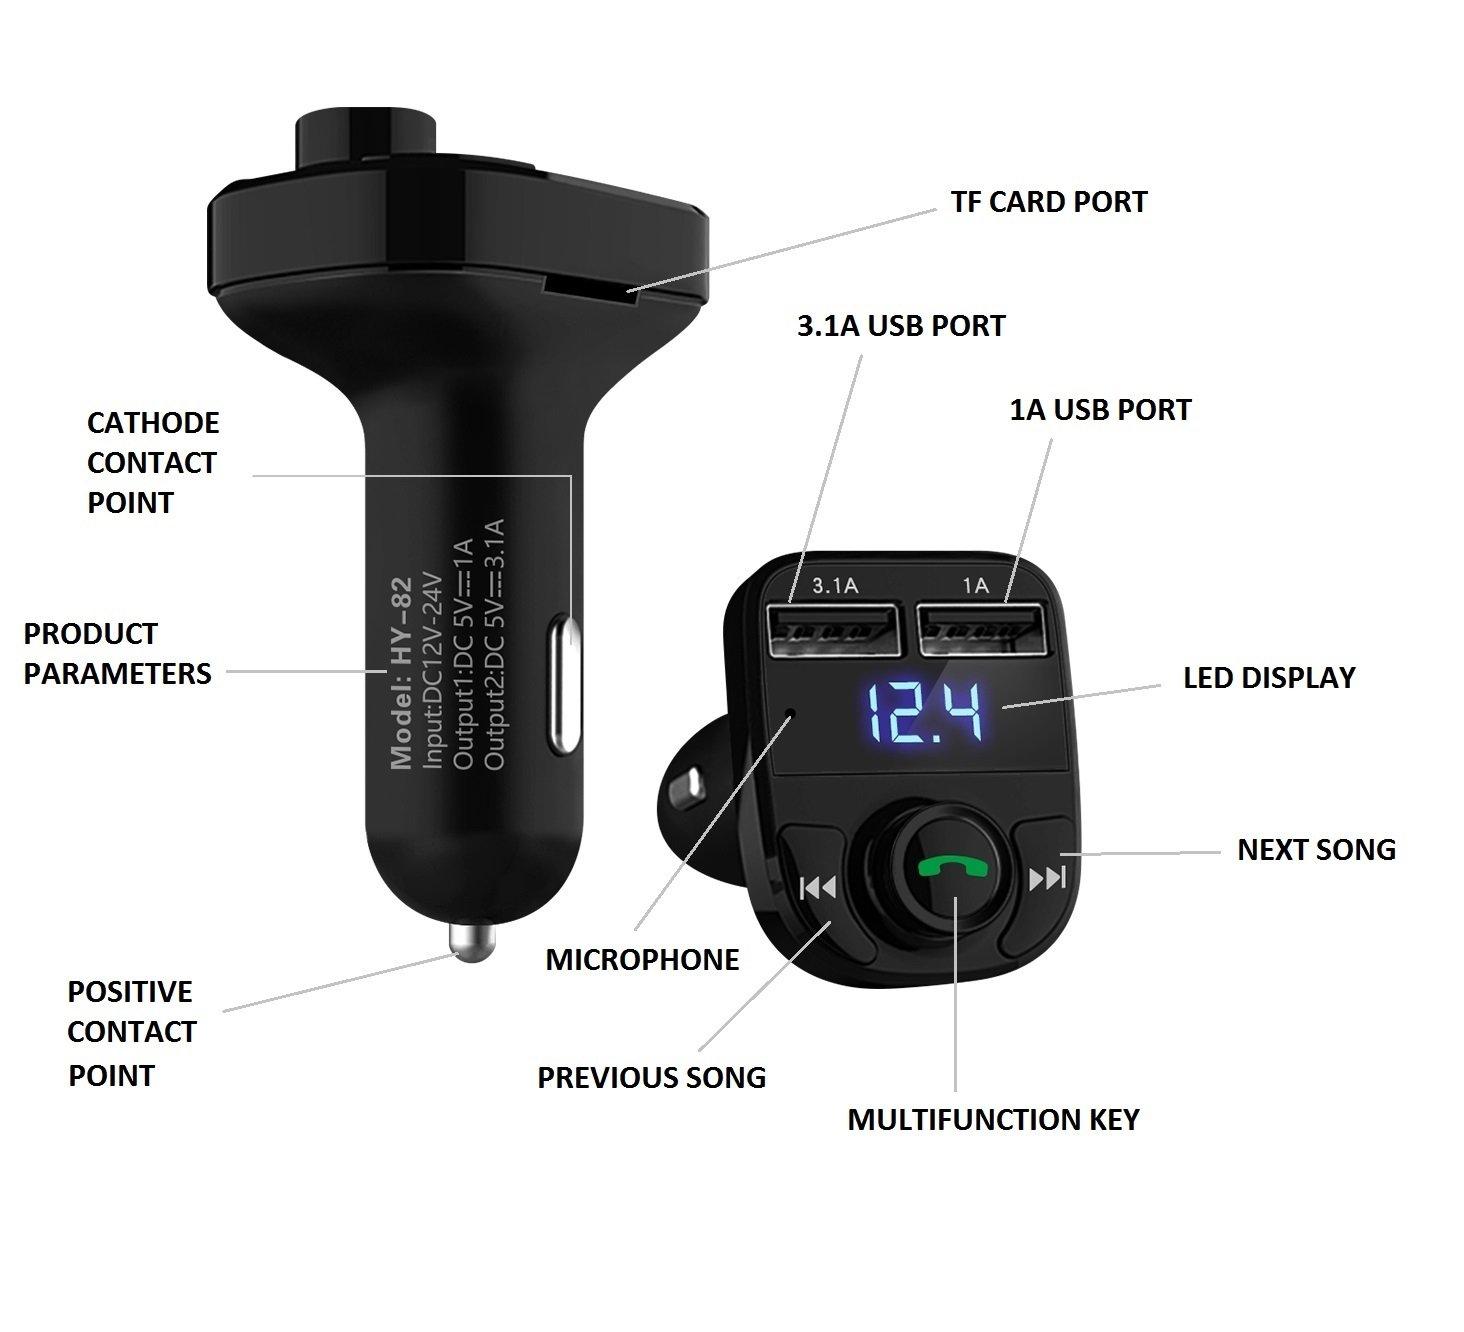 manos libres,con puertos doble usb y tarjeta Micro SD GRK Nuevo Transmisor FM Multi Funci/ón Bluetooth V4.0 Radio inal/ámbrico 3.1A y 1.0A Compatible Androides carga r/ápida inteligente 5V iPhone